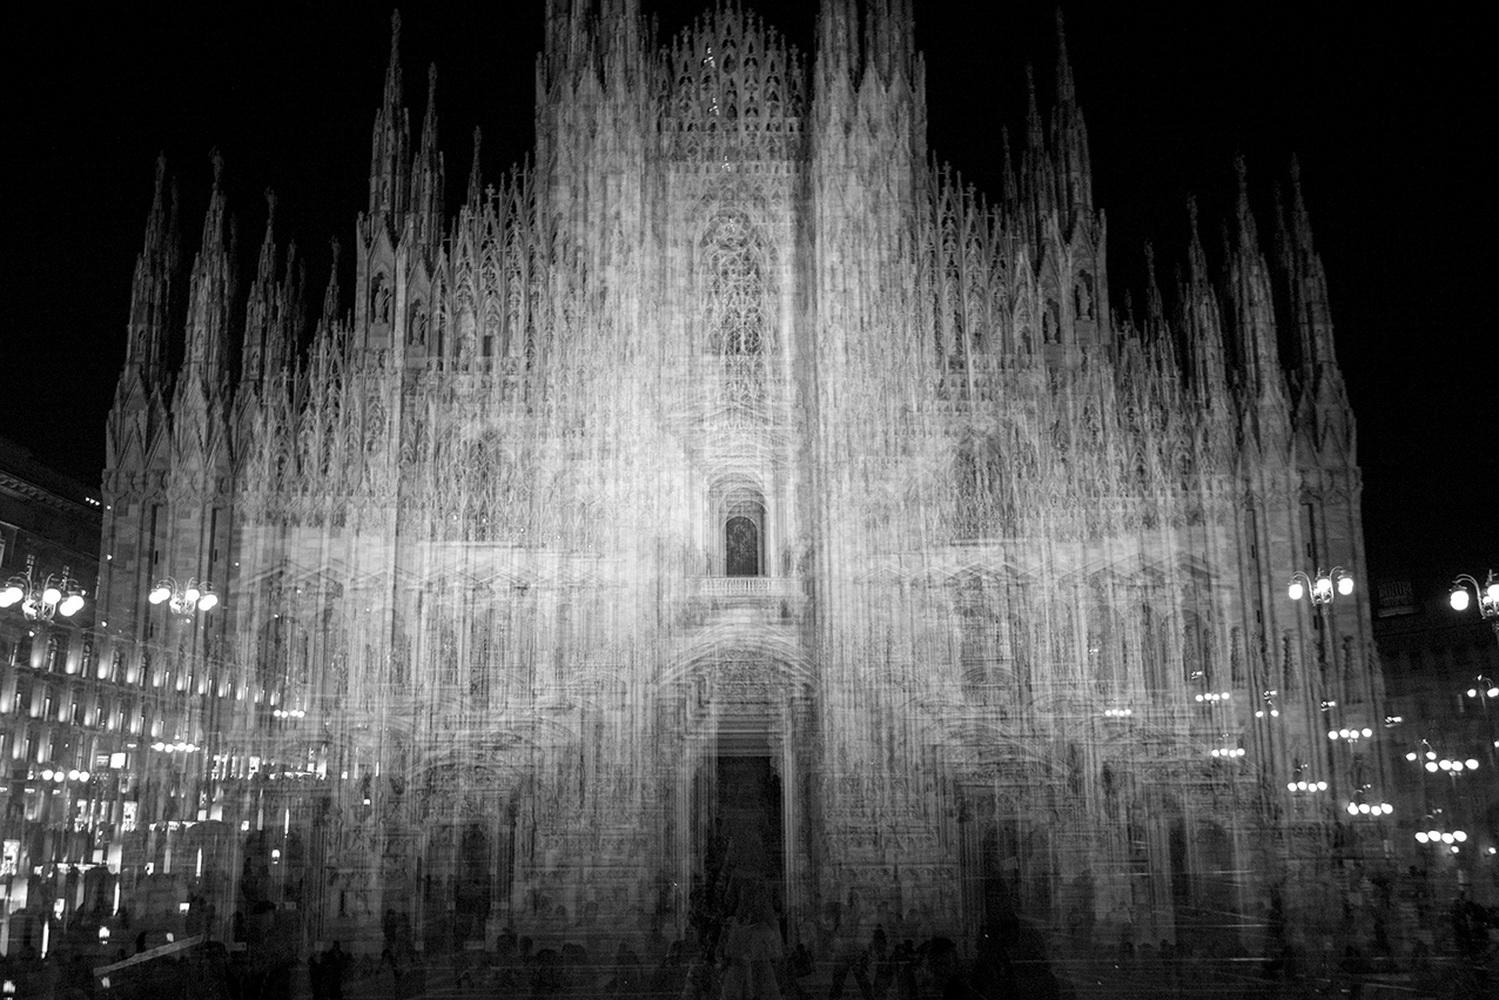 «Сосветомво взгляде» - выставка МаурициоГаббана в арт-галерее «К35»